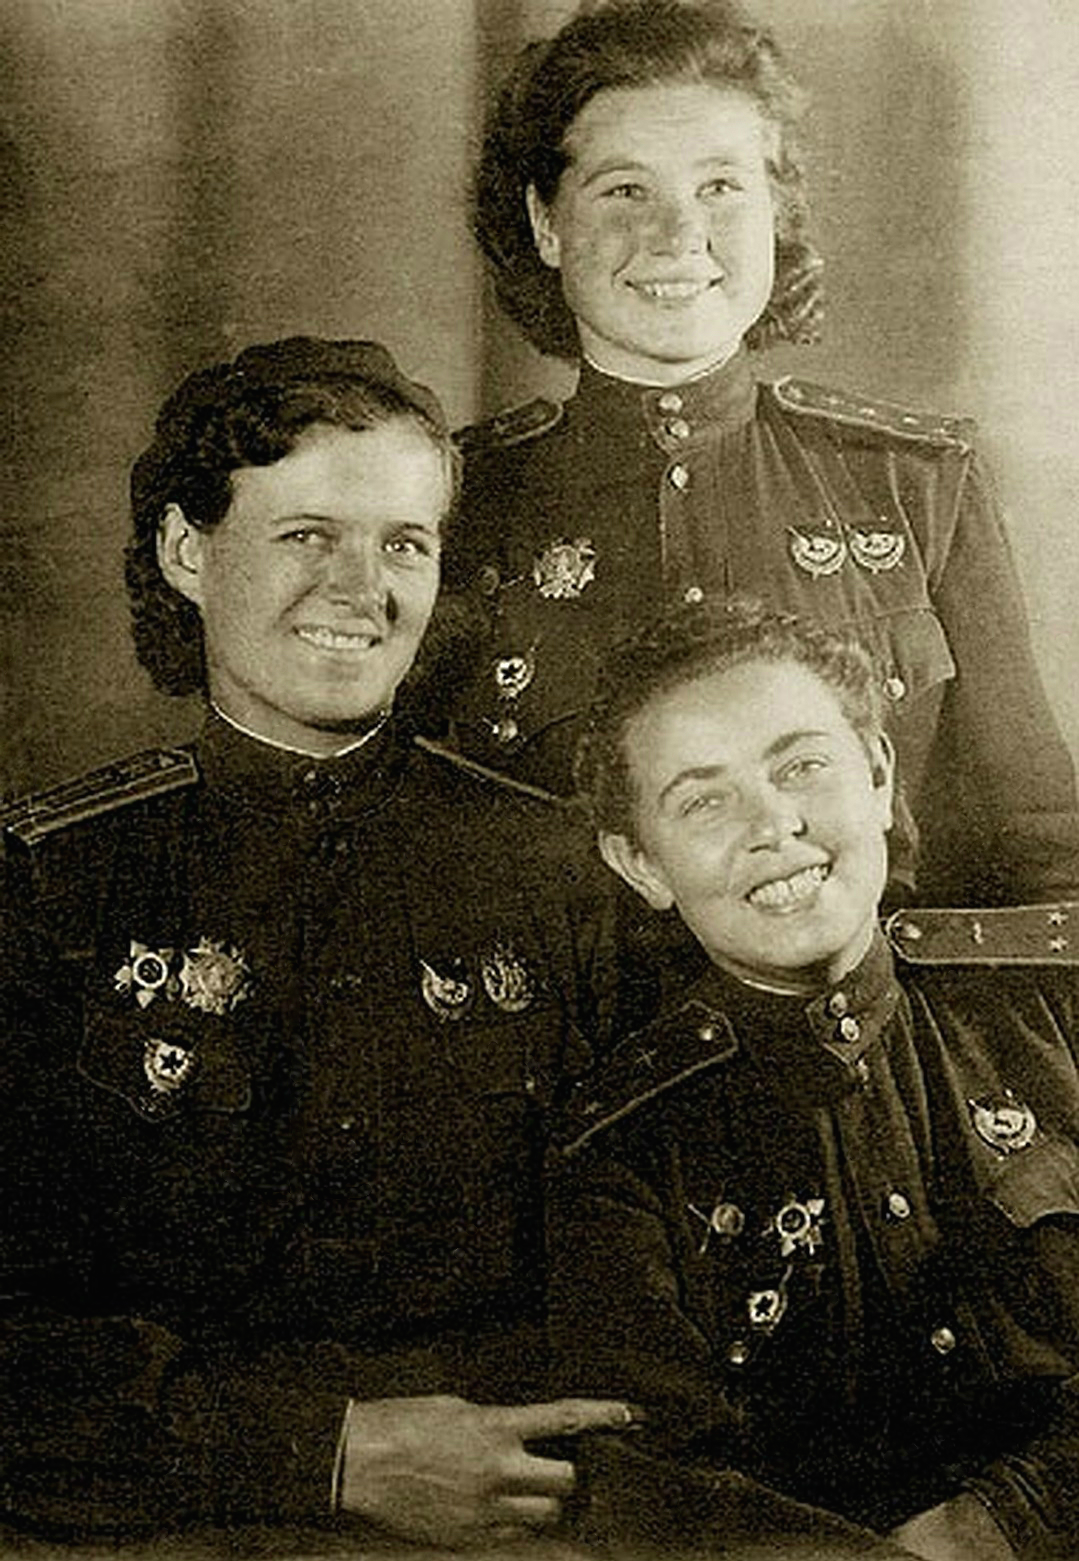 46й гвардейский ночной бомбардировочный авиационный полк